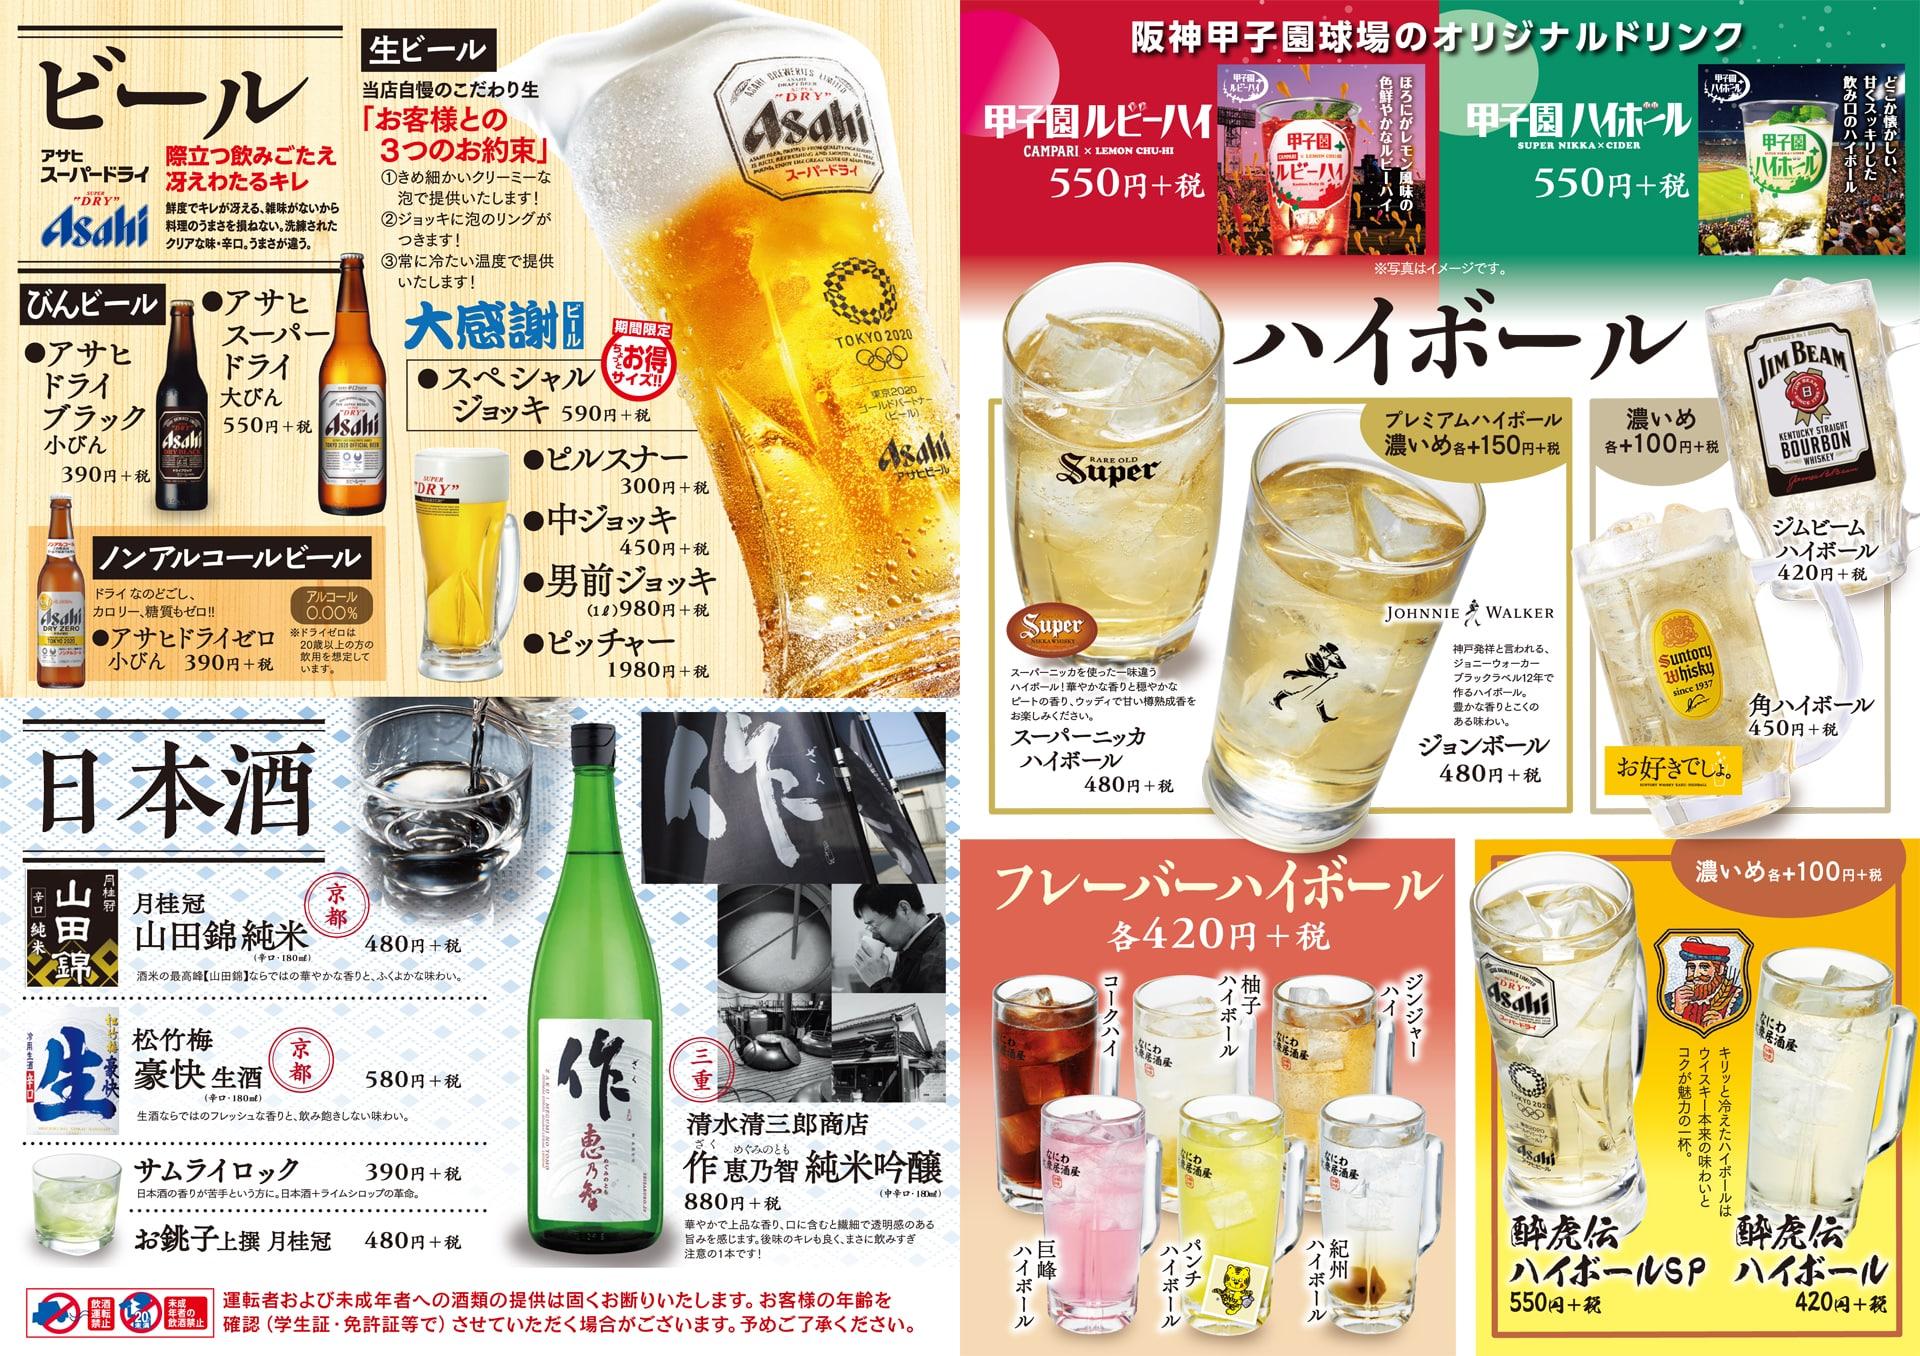 酔虎伝 ハイボール・ビール・日本酒